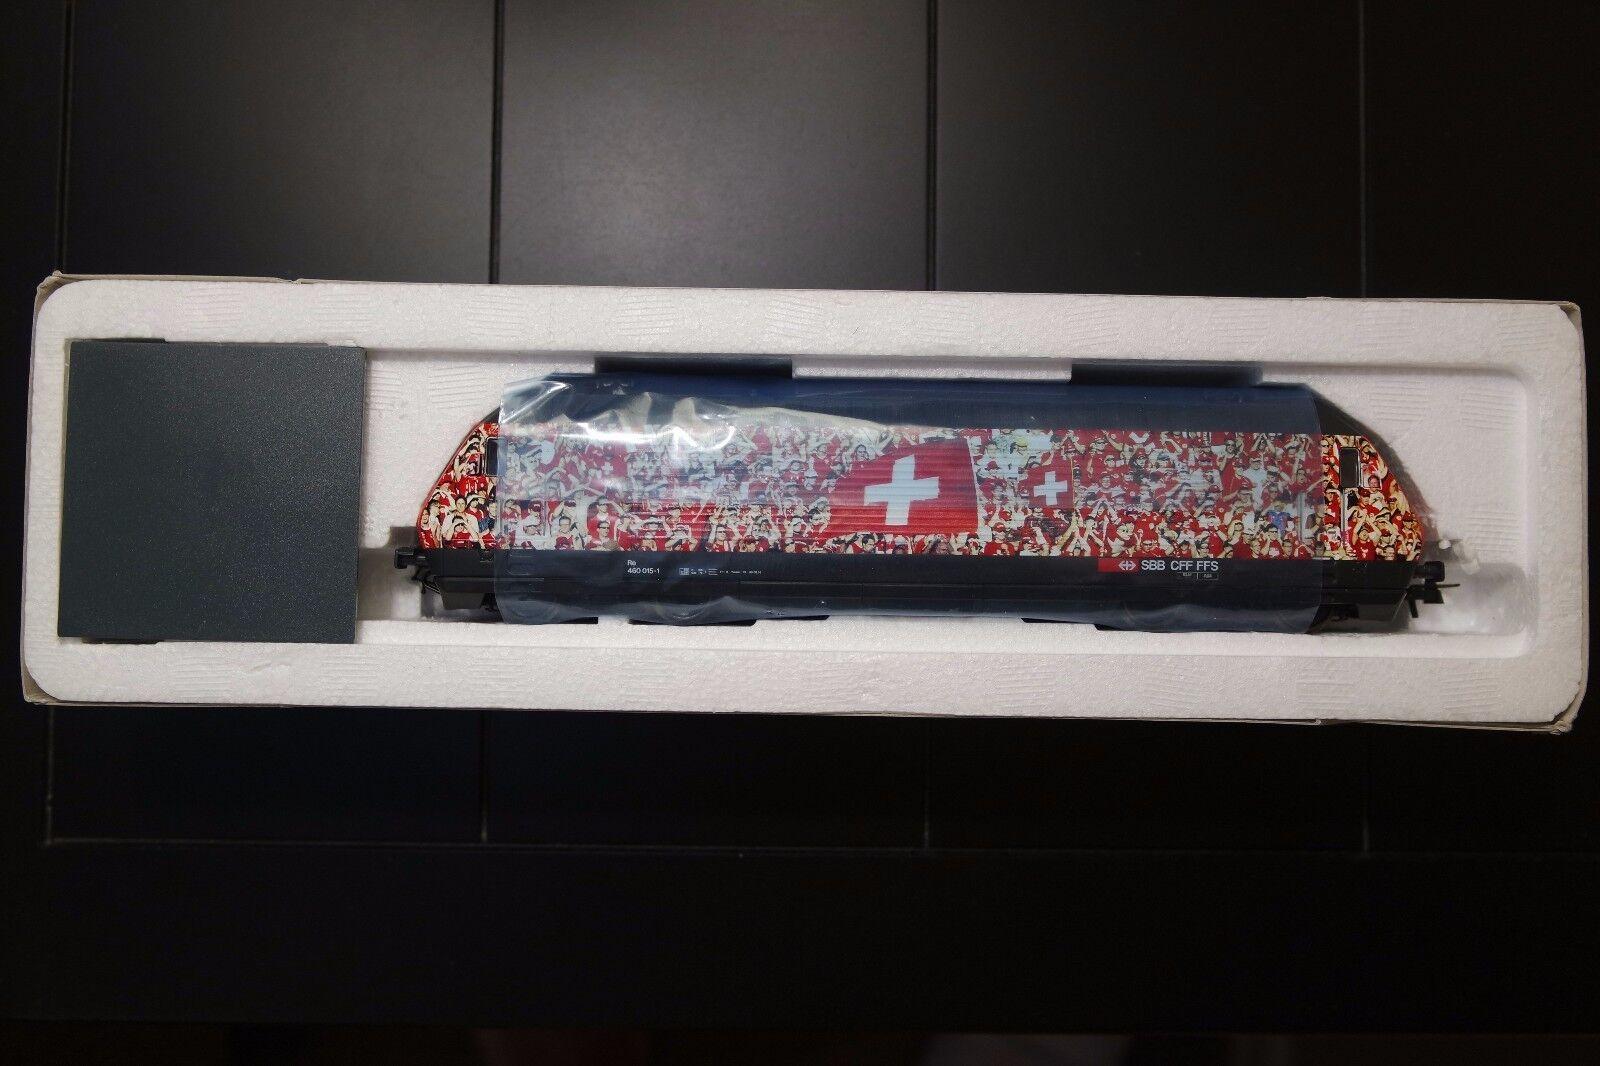 Roco HO Swiss SSB 62398 equipo de fútbol suizo Re 460 015-1